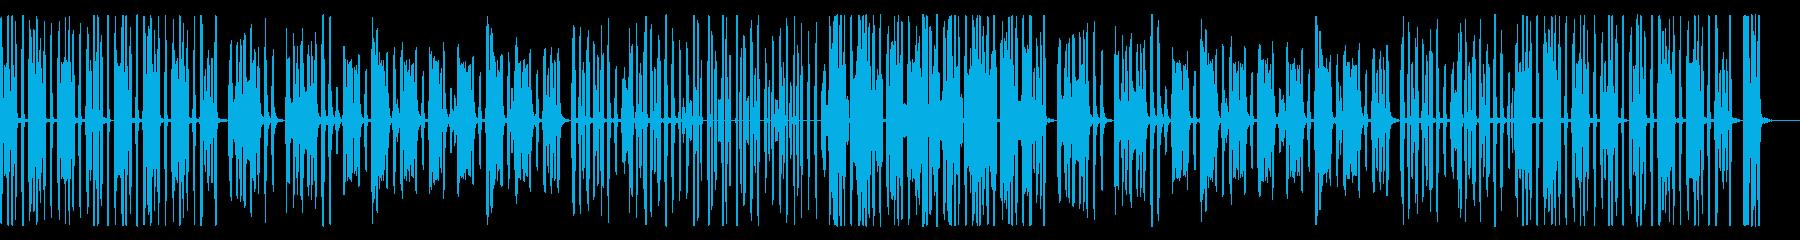 ほのぼのリコーダー、パーカス木琴抜きの再生済みの波形